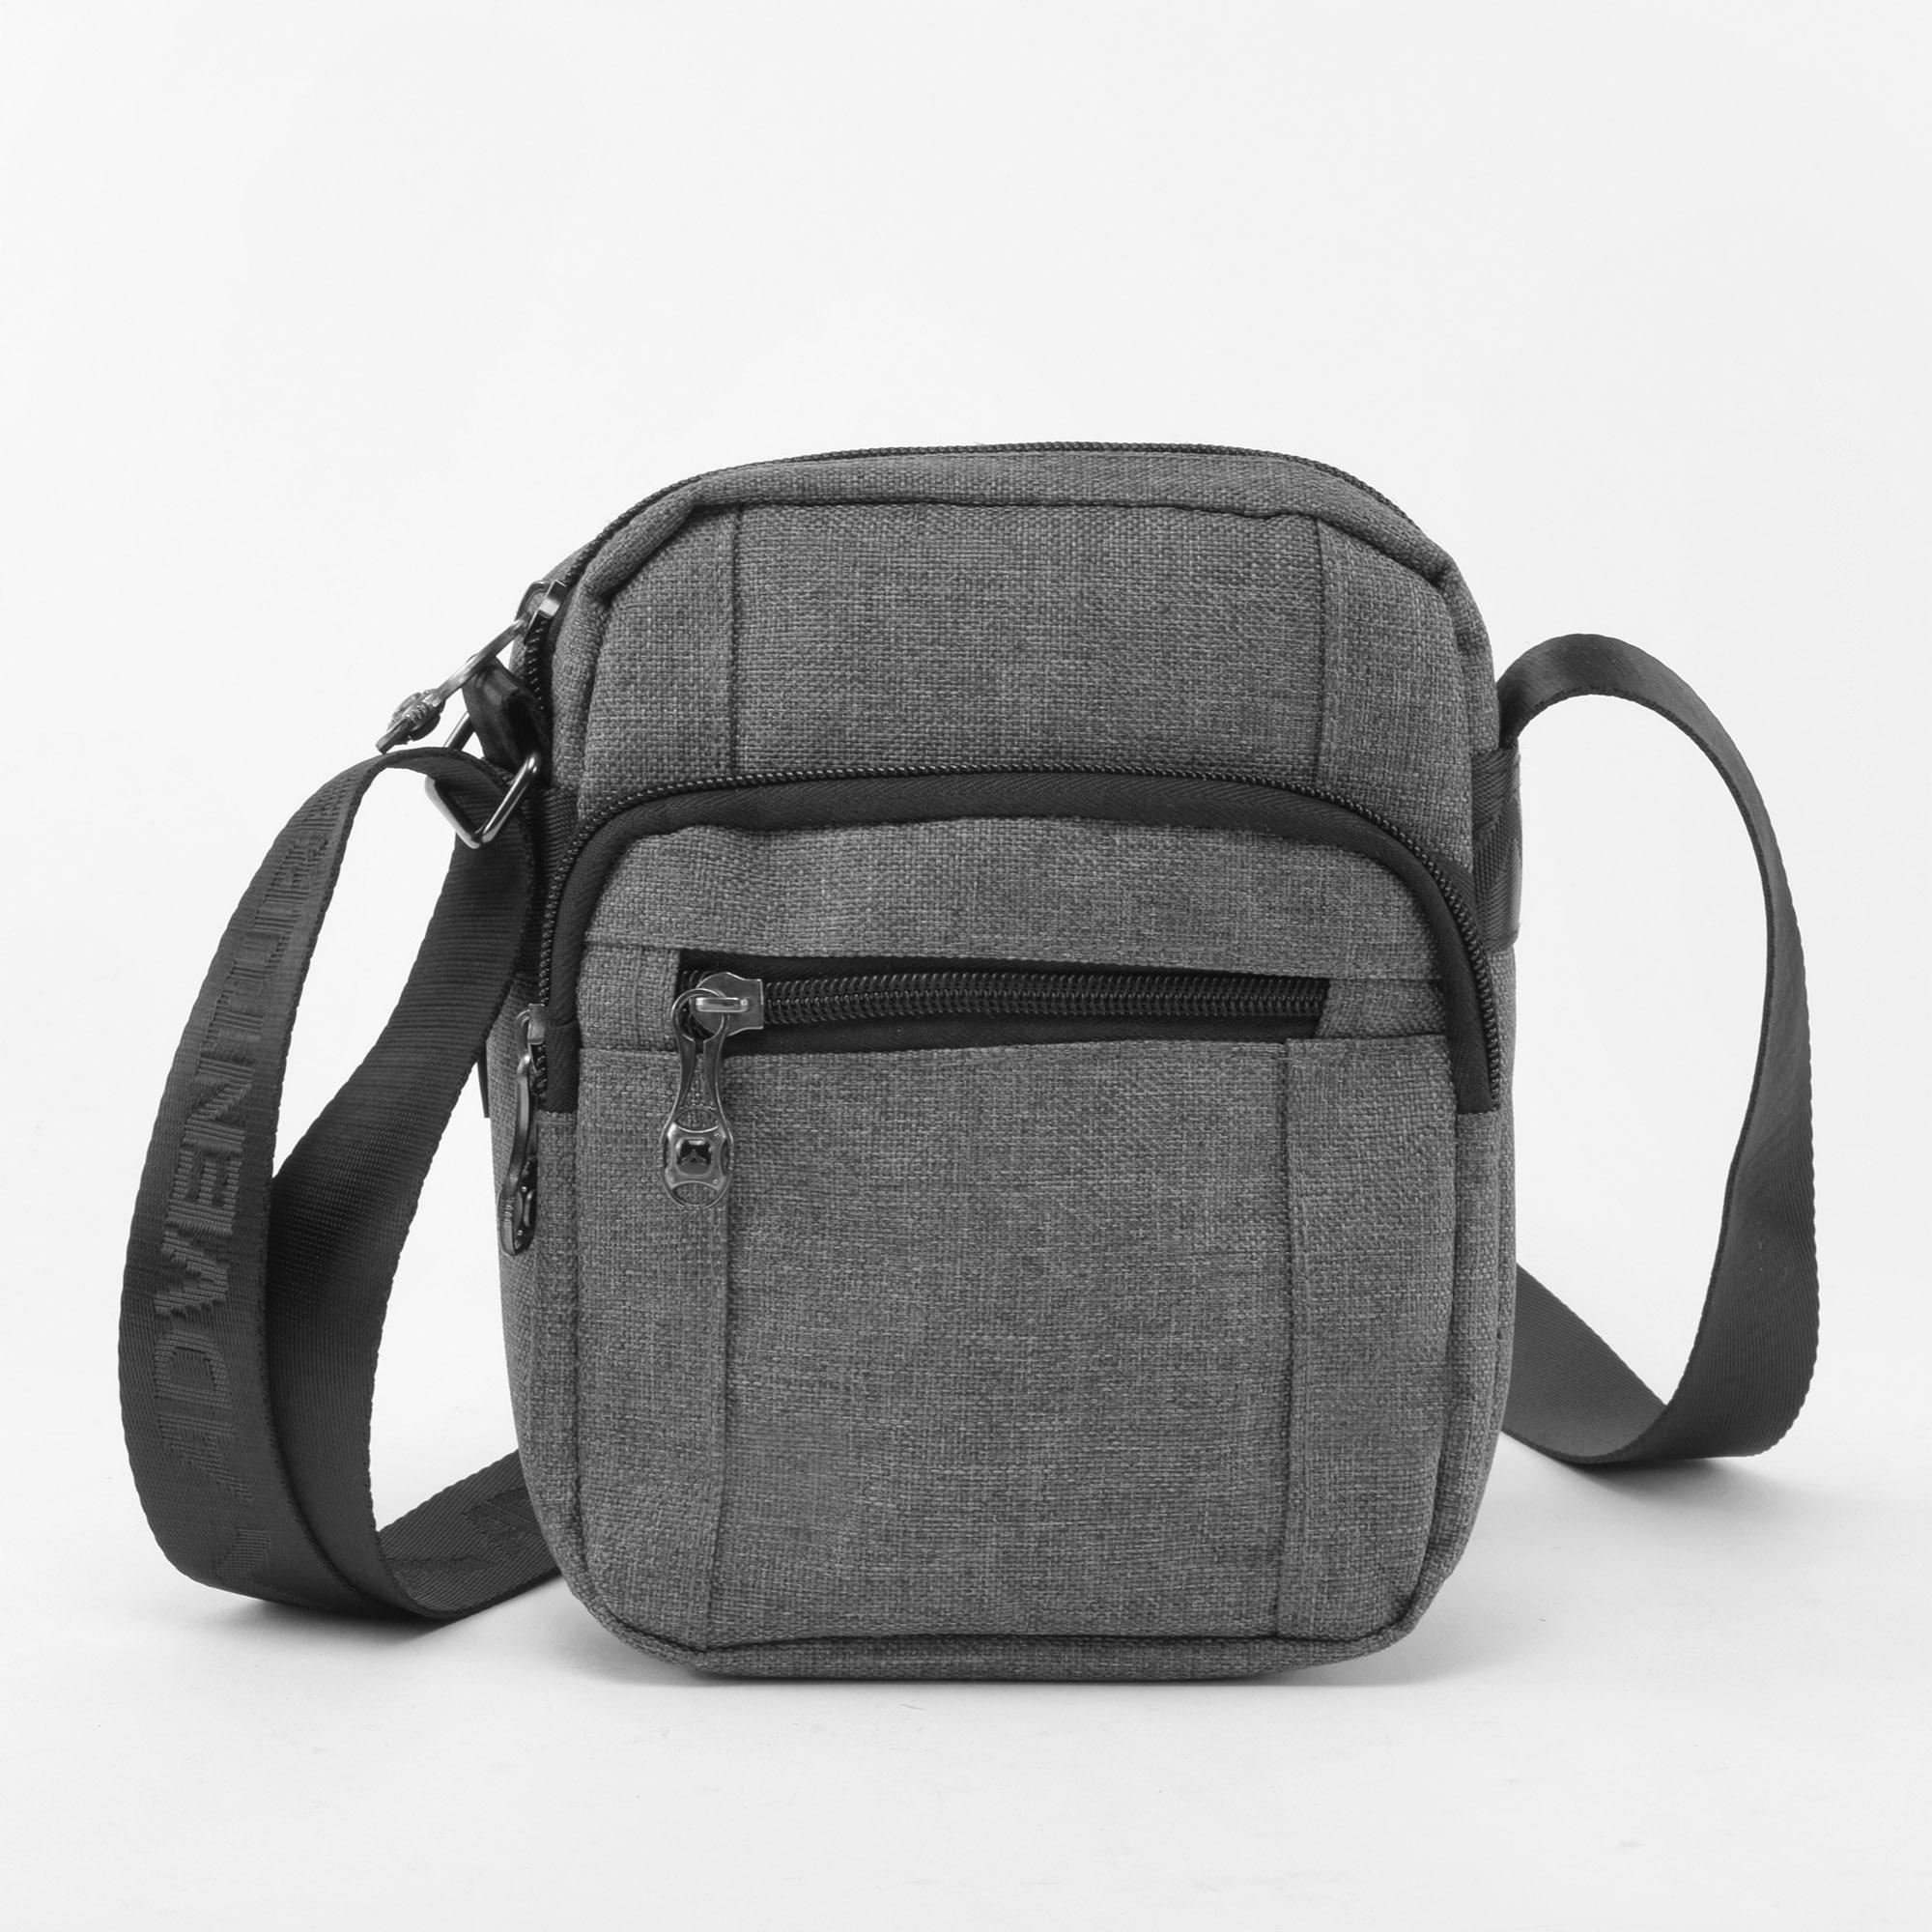 1804c414e763 Adventurer Szürke Oldaltáska - OLDALTÁSKÁK - Táska webáruház - Minőségi  táskák mindenkinek